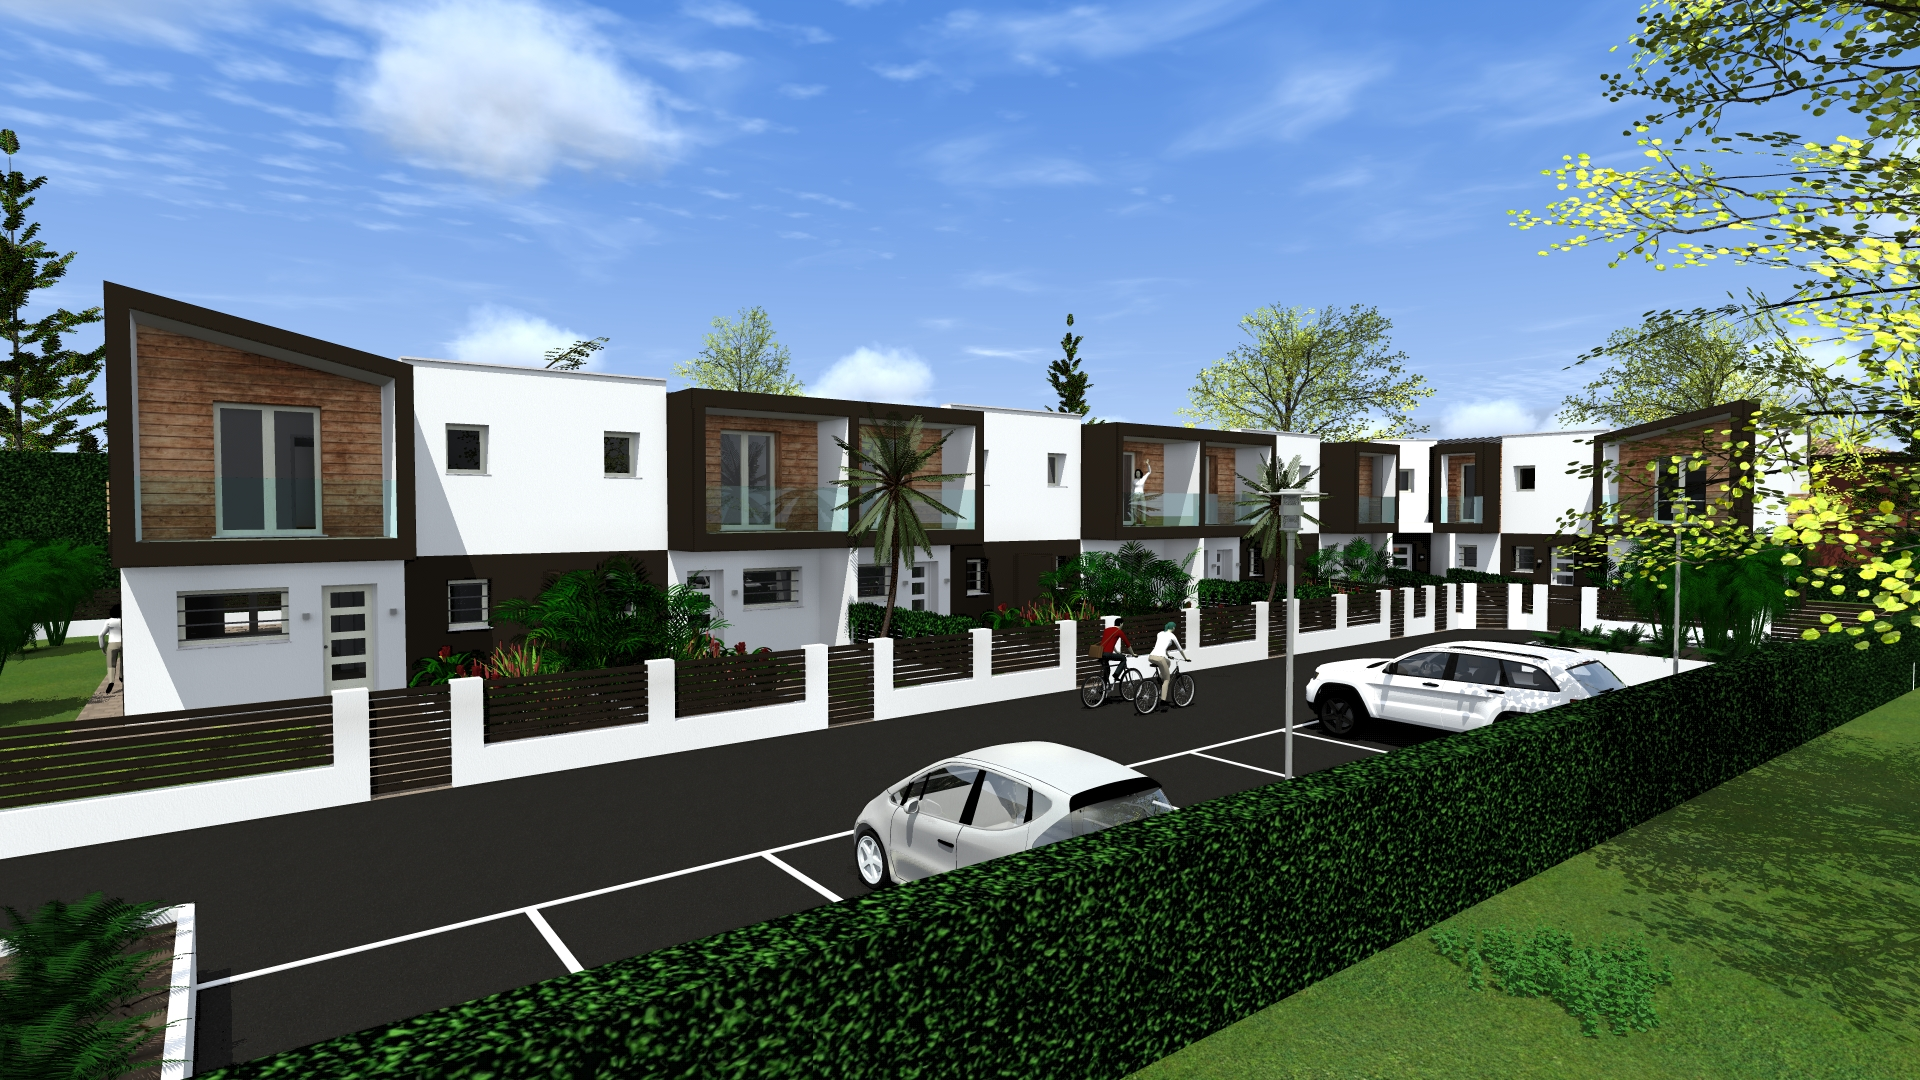 Progetto di case a schiera in stile moderno bettio marta for Progetti case moderne piccole